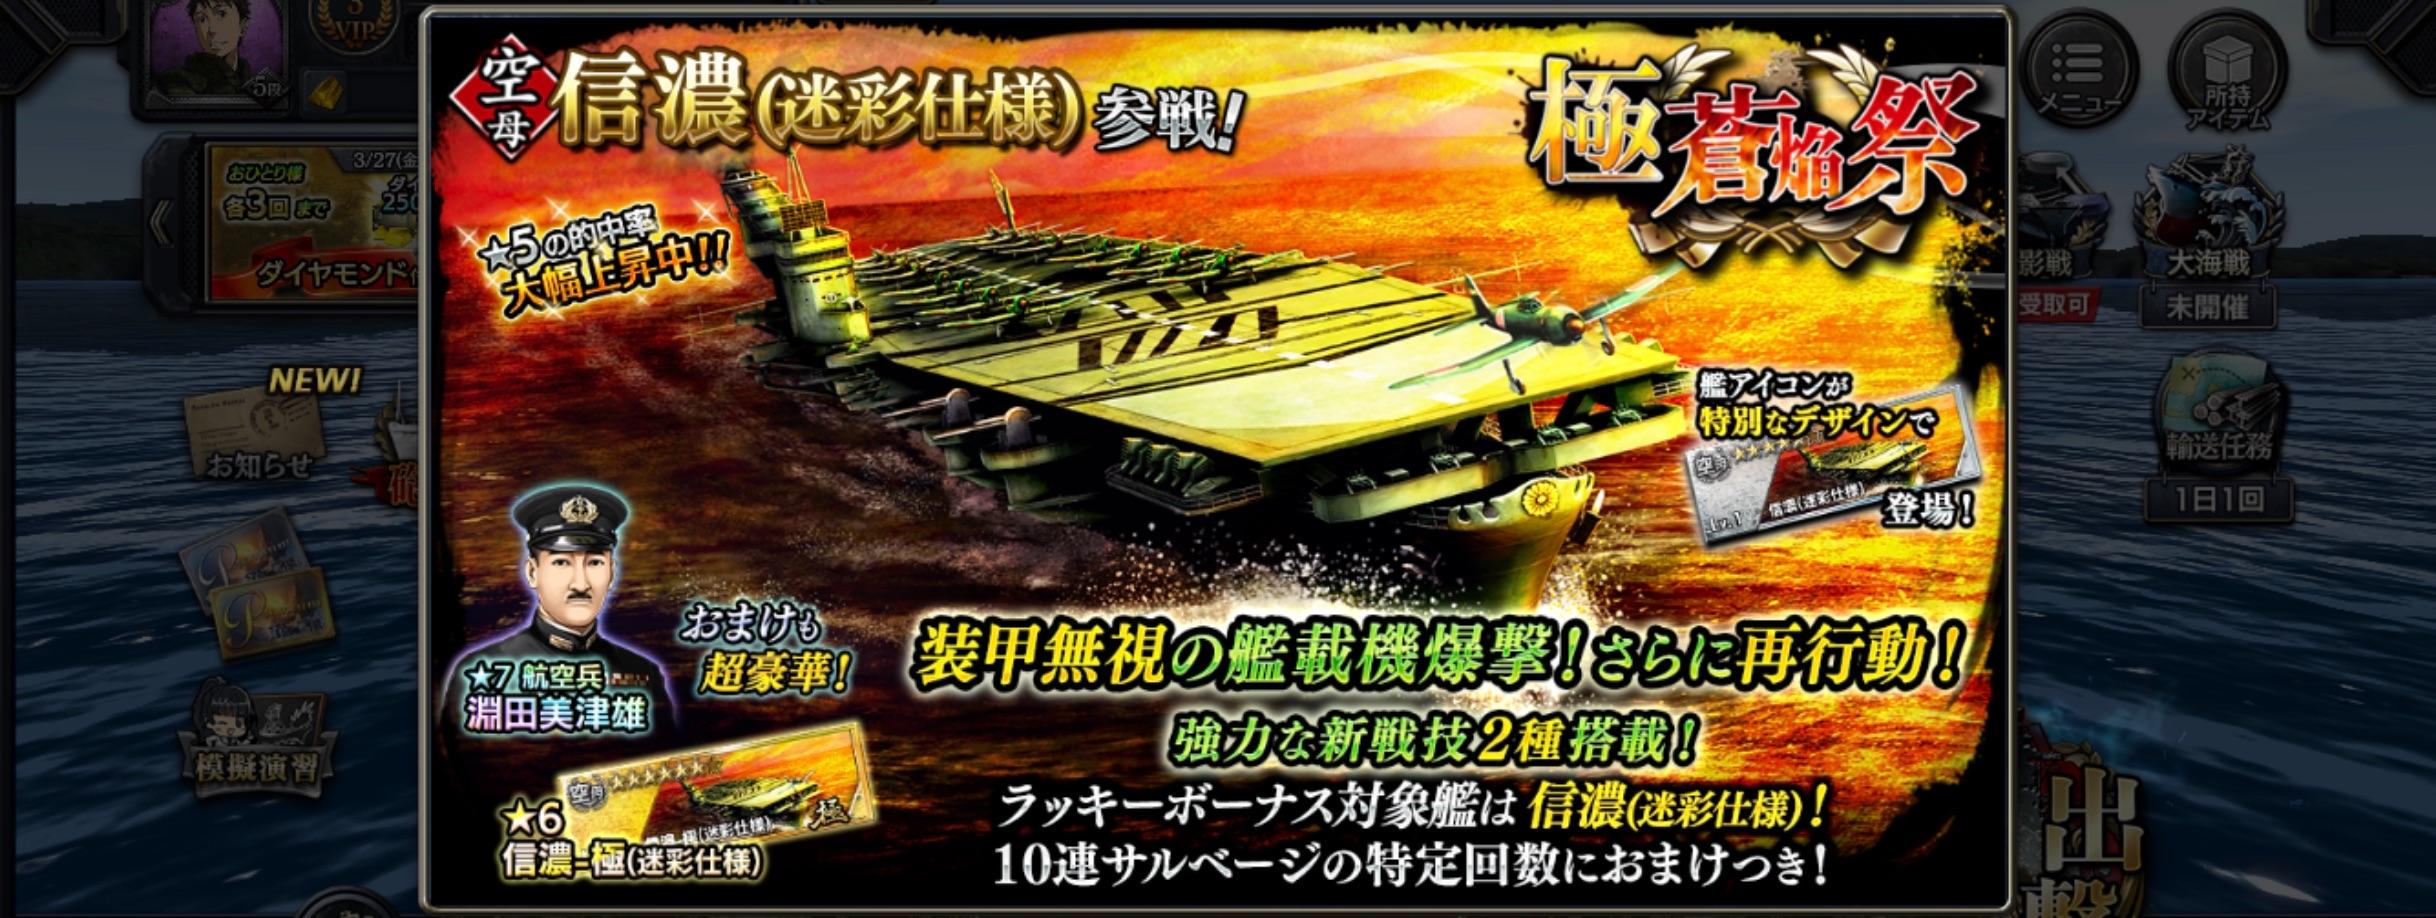 aircraft-carrier:shinano